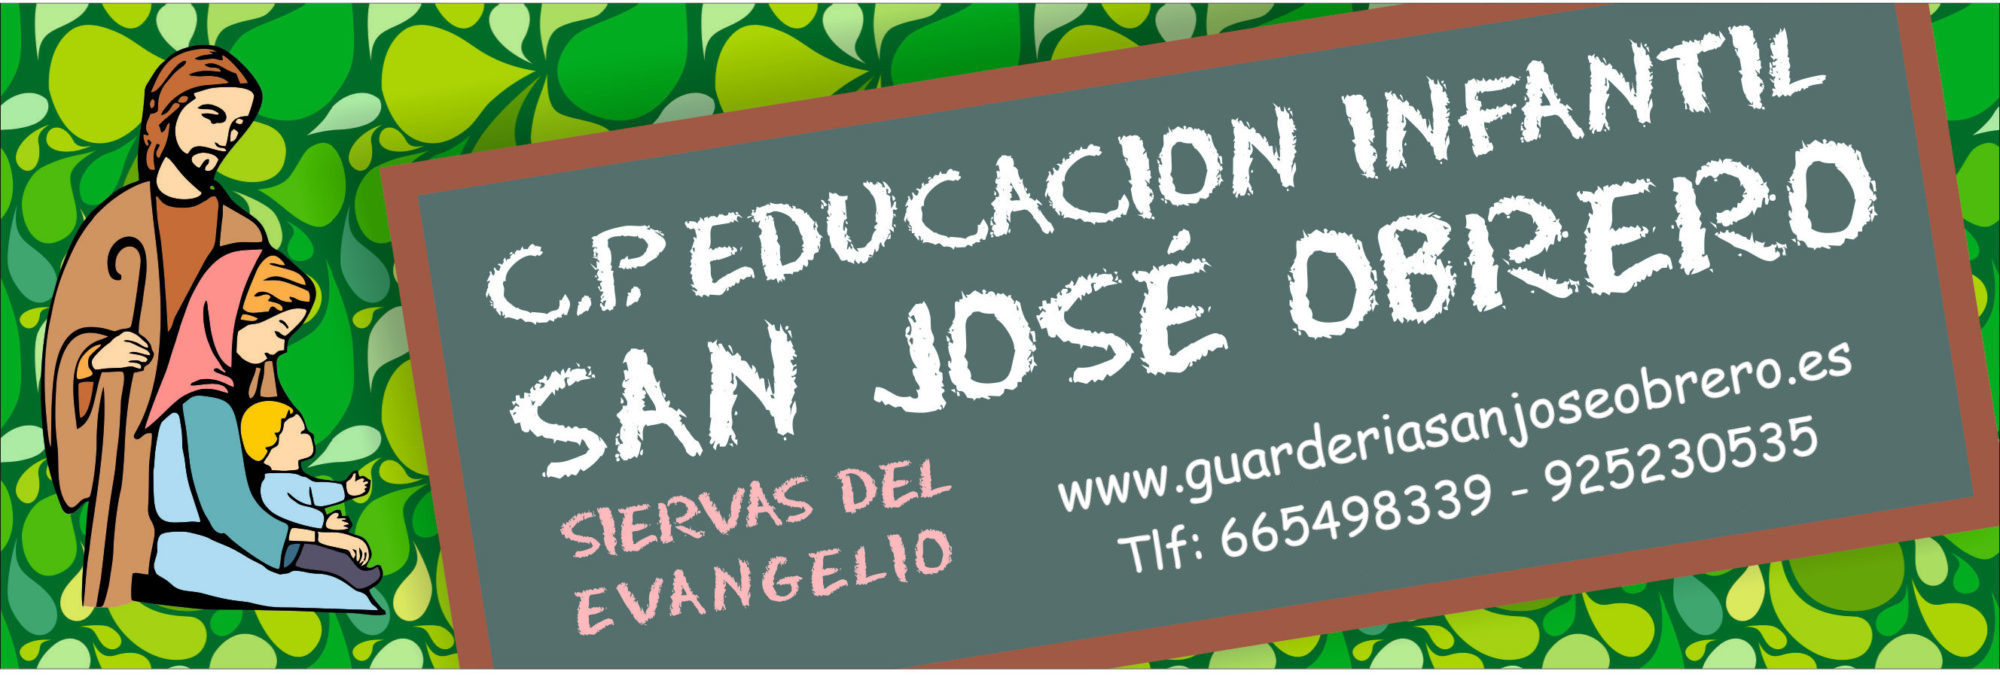 Guardería San José Obrero